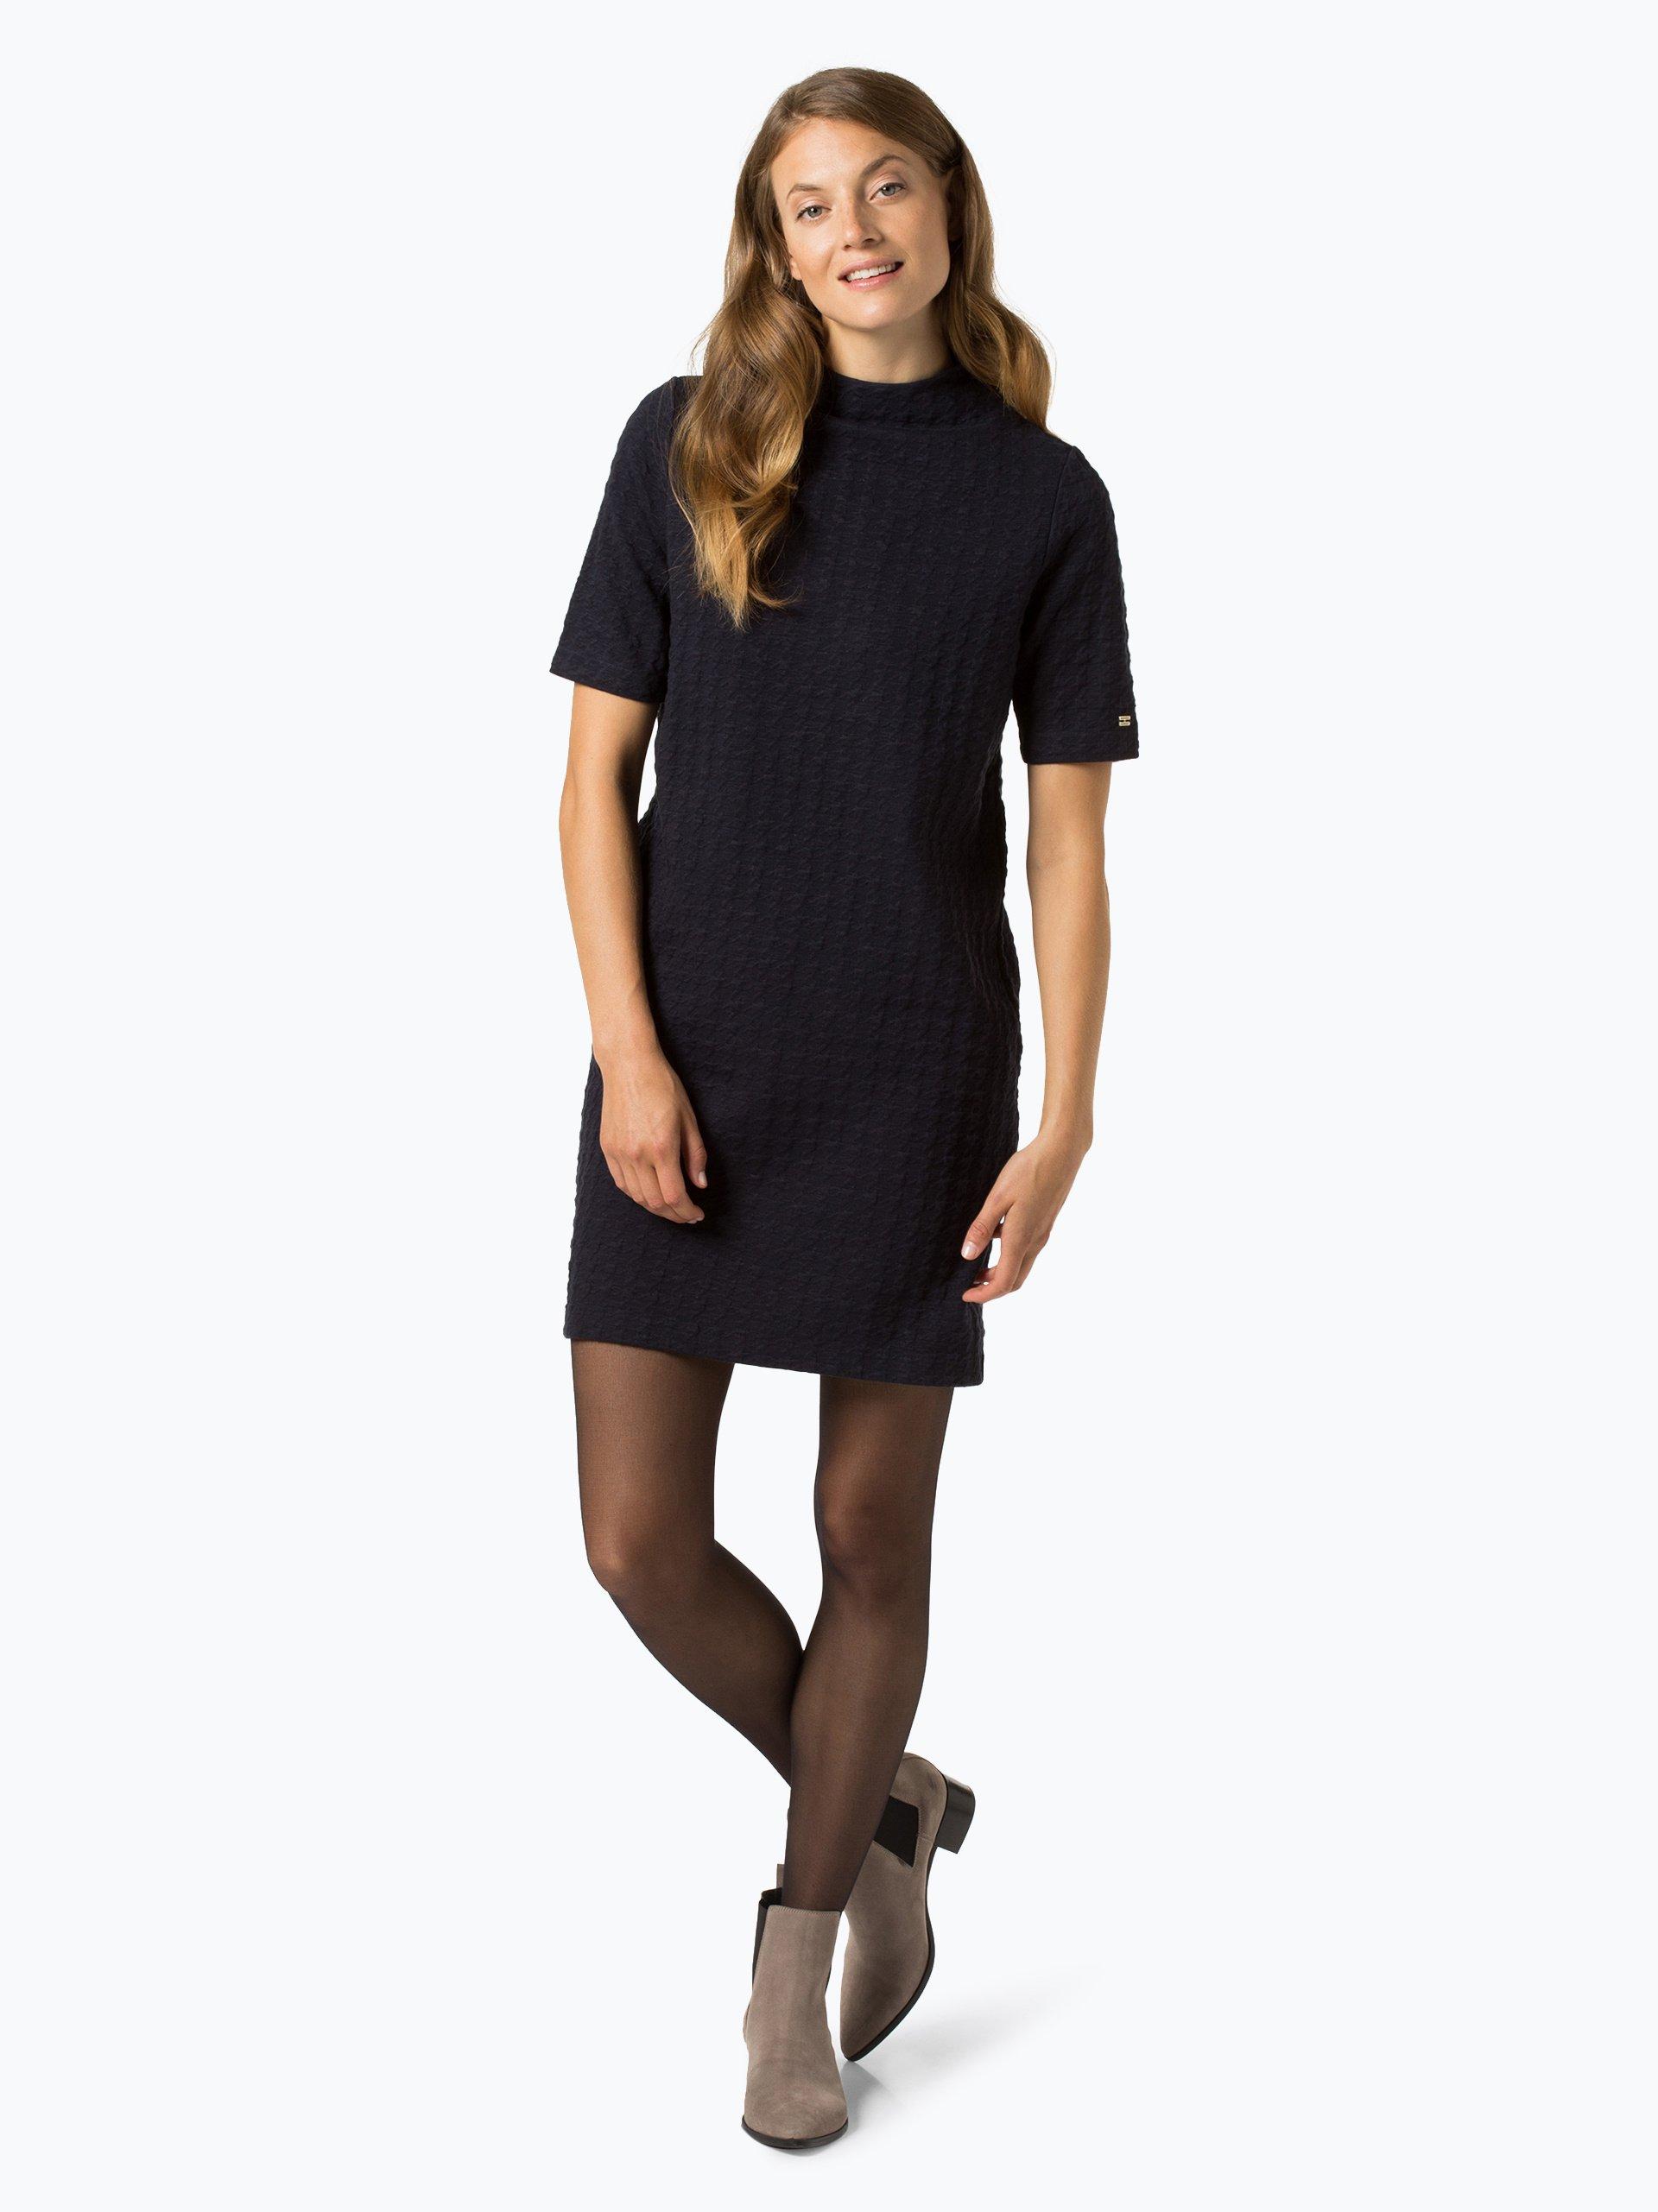 Tommy Hilfiger Damen Kleid - Lorenza online kaufen ...